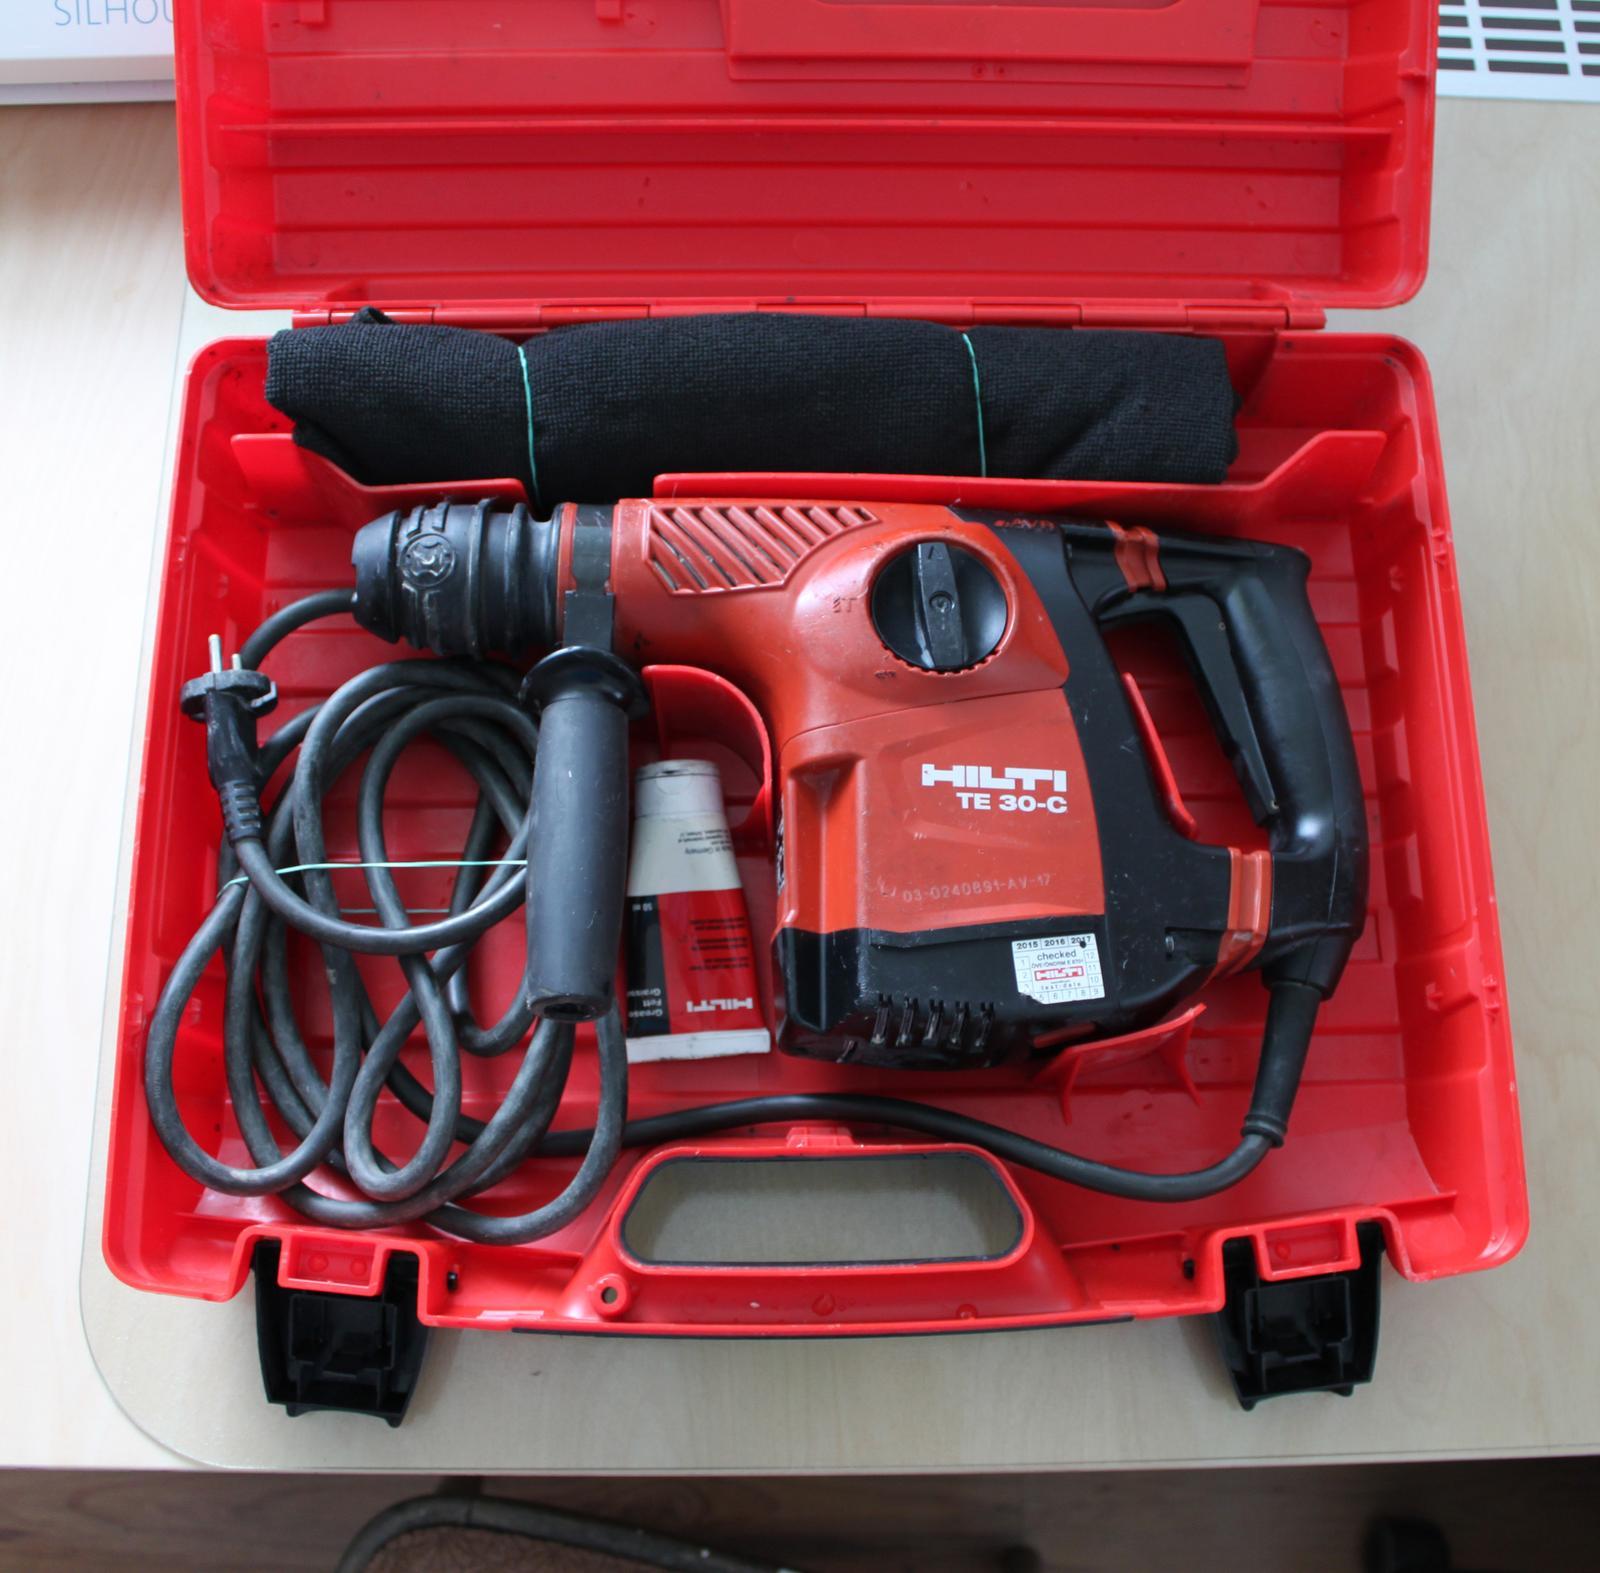 HILTI TE 30-AVR Výkonné vŕtacie kladivo SDS Plus  - Obrázok č. 1